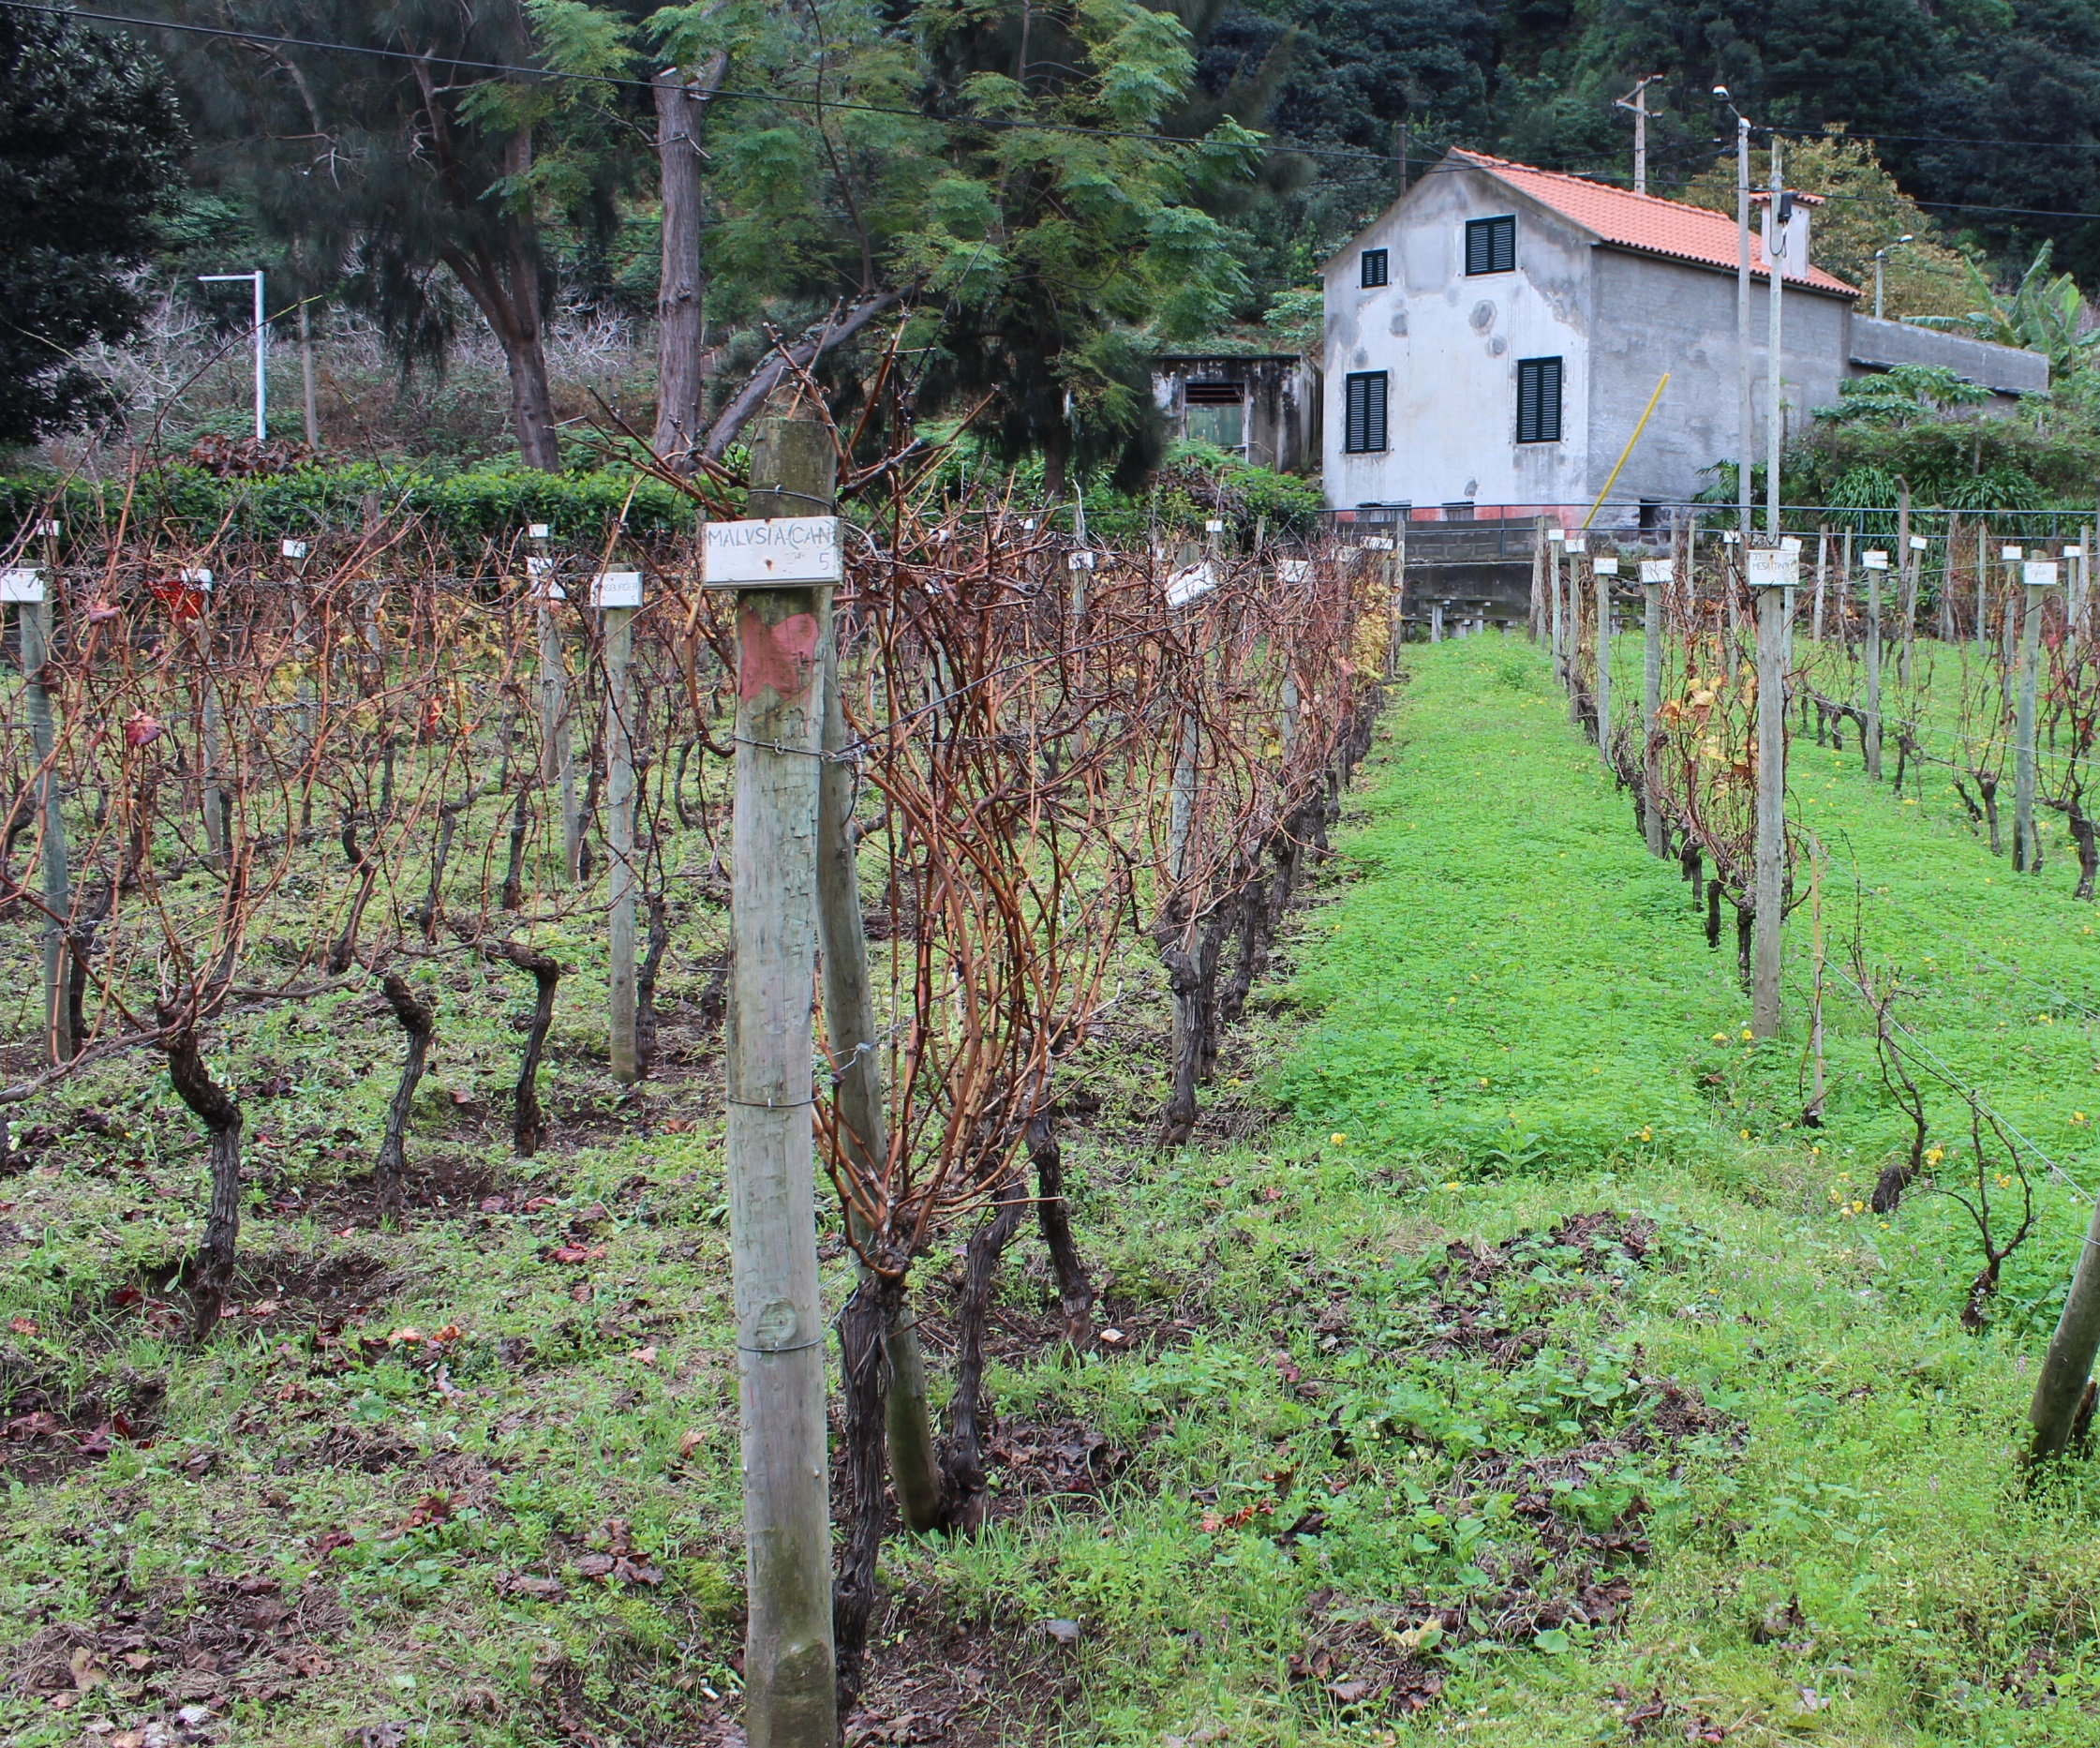 Prescritor Canadiano visita a Região Demarcada da Madeira